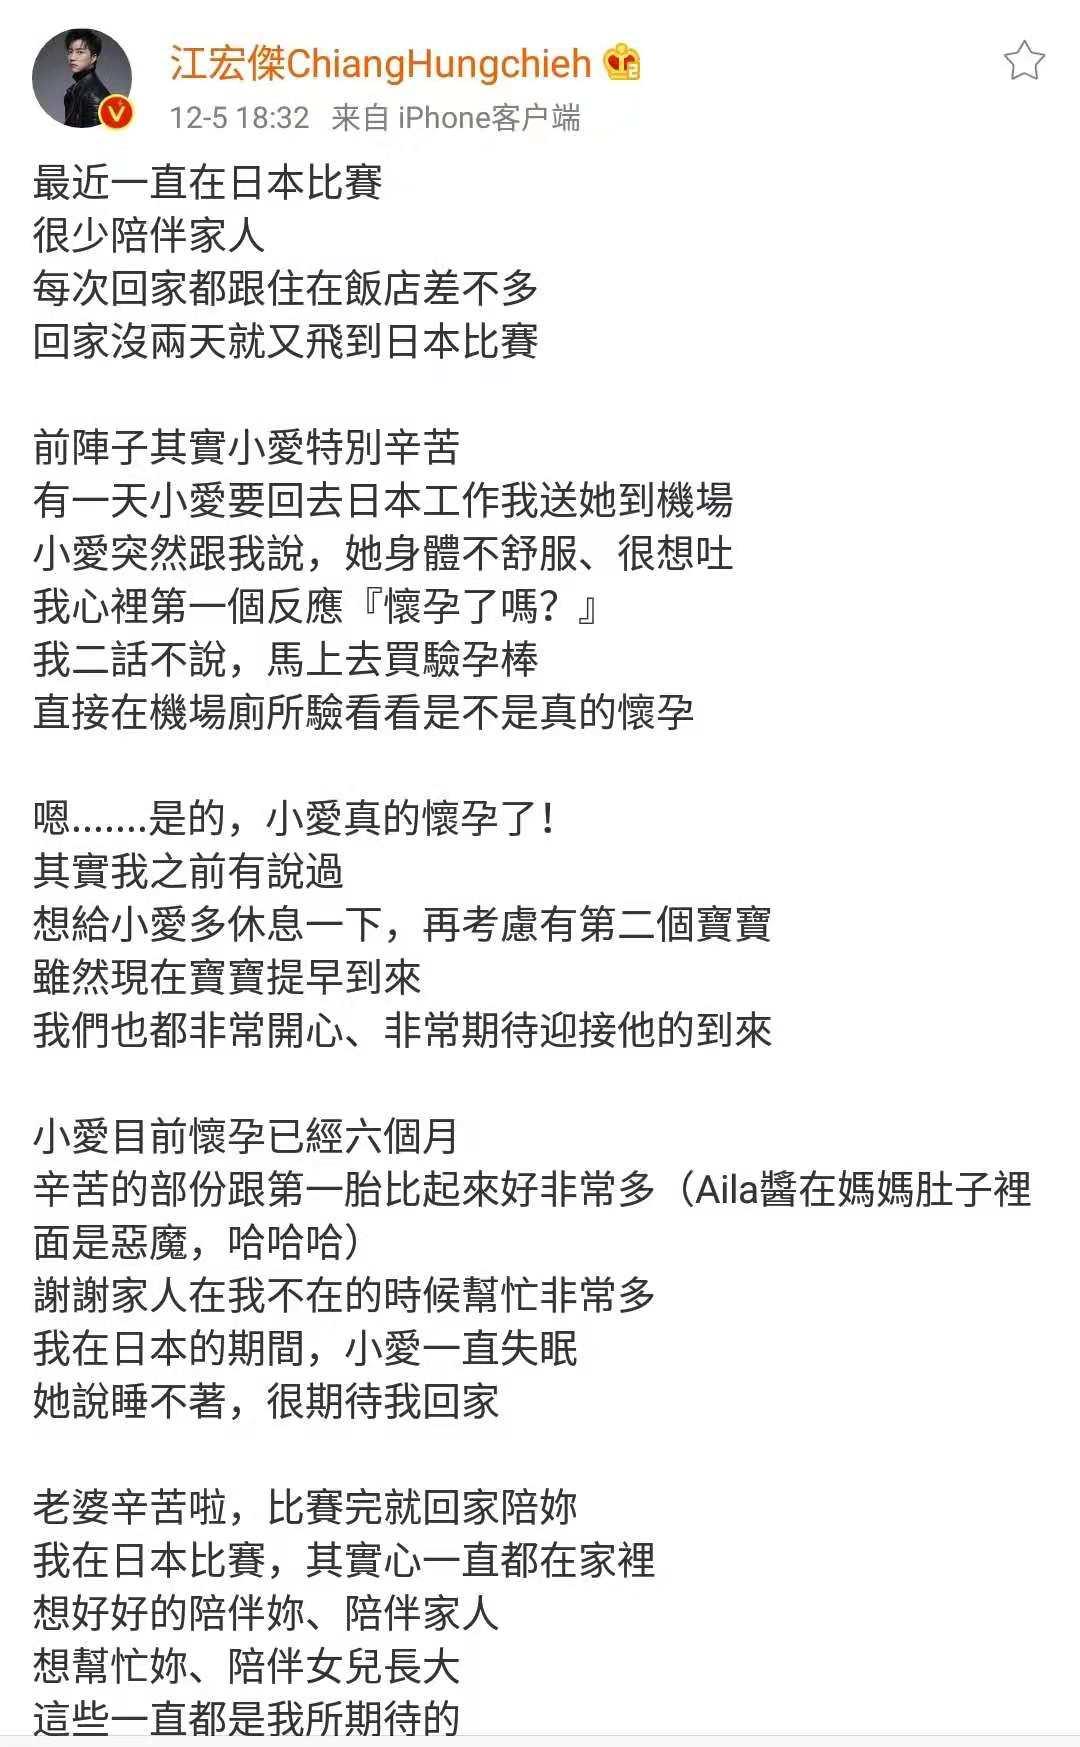 江宏杰宣布福原爱怀二胎?日本网友的反应令人诧异!,天佑被封杀,天佑yy频道多少,天体运动,藏族的节日,藏心术,藏书阁